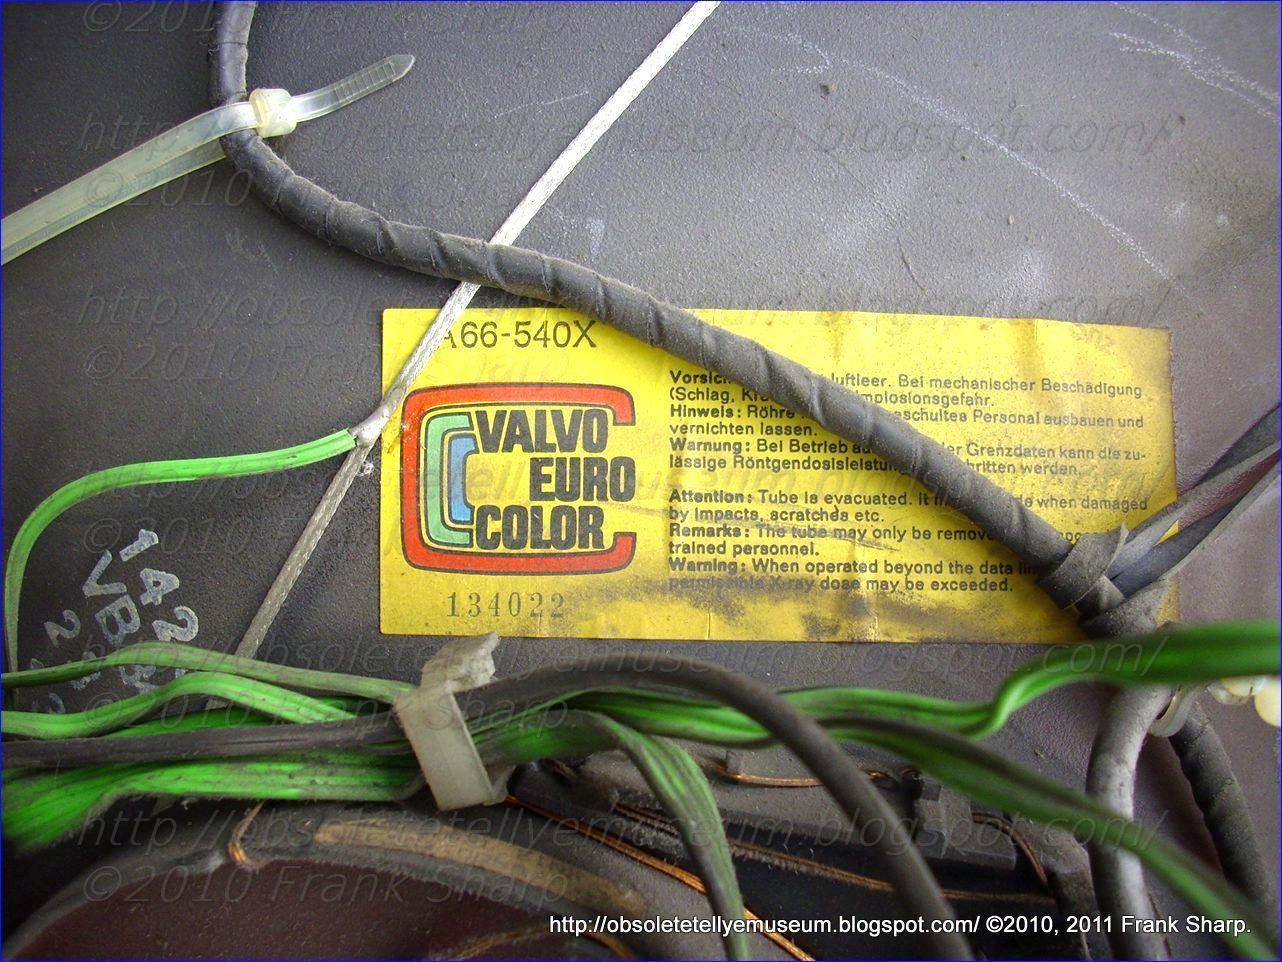 Obsolete Technology Tellye Grundig St70 466 Chassis Cuc4635 Crt St 70 Tube Moreover Vacuum Op S On Pin Diagram Valvo Hat In Seiner 50jhrigen Geschichte Viele Beitrge Zur Entwicklung Der Elektronischen Technik Deutschland Geleistet